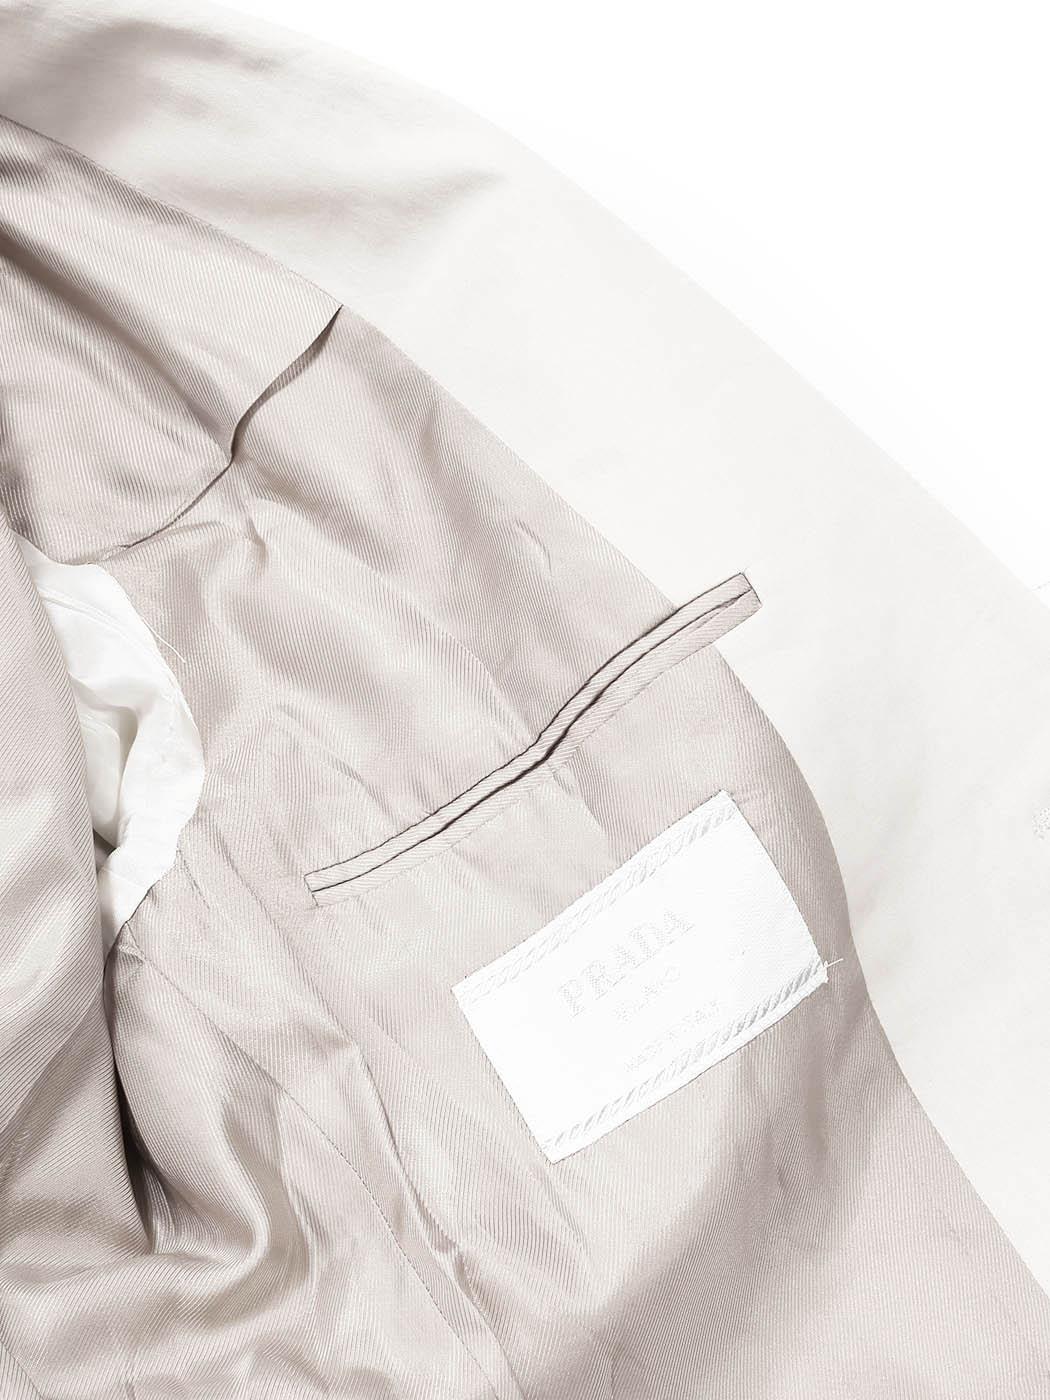 239e5bc0232f4 ... Veste blazer classique crème écru Prix boutique 950€ Taille 50   M ...